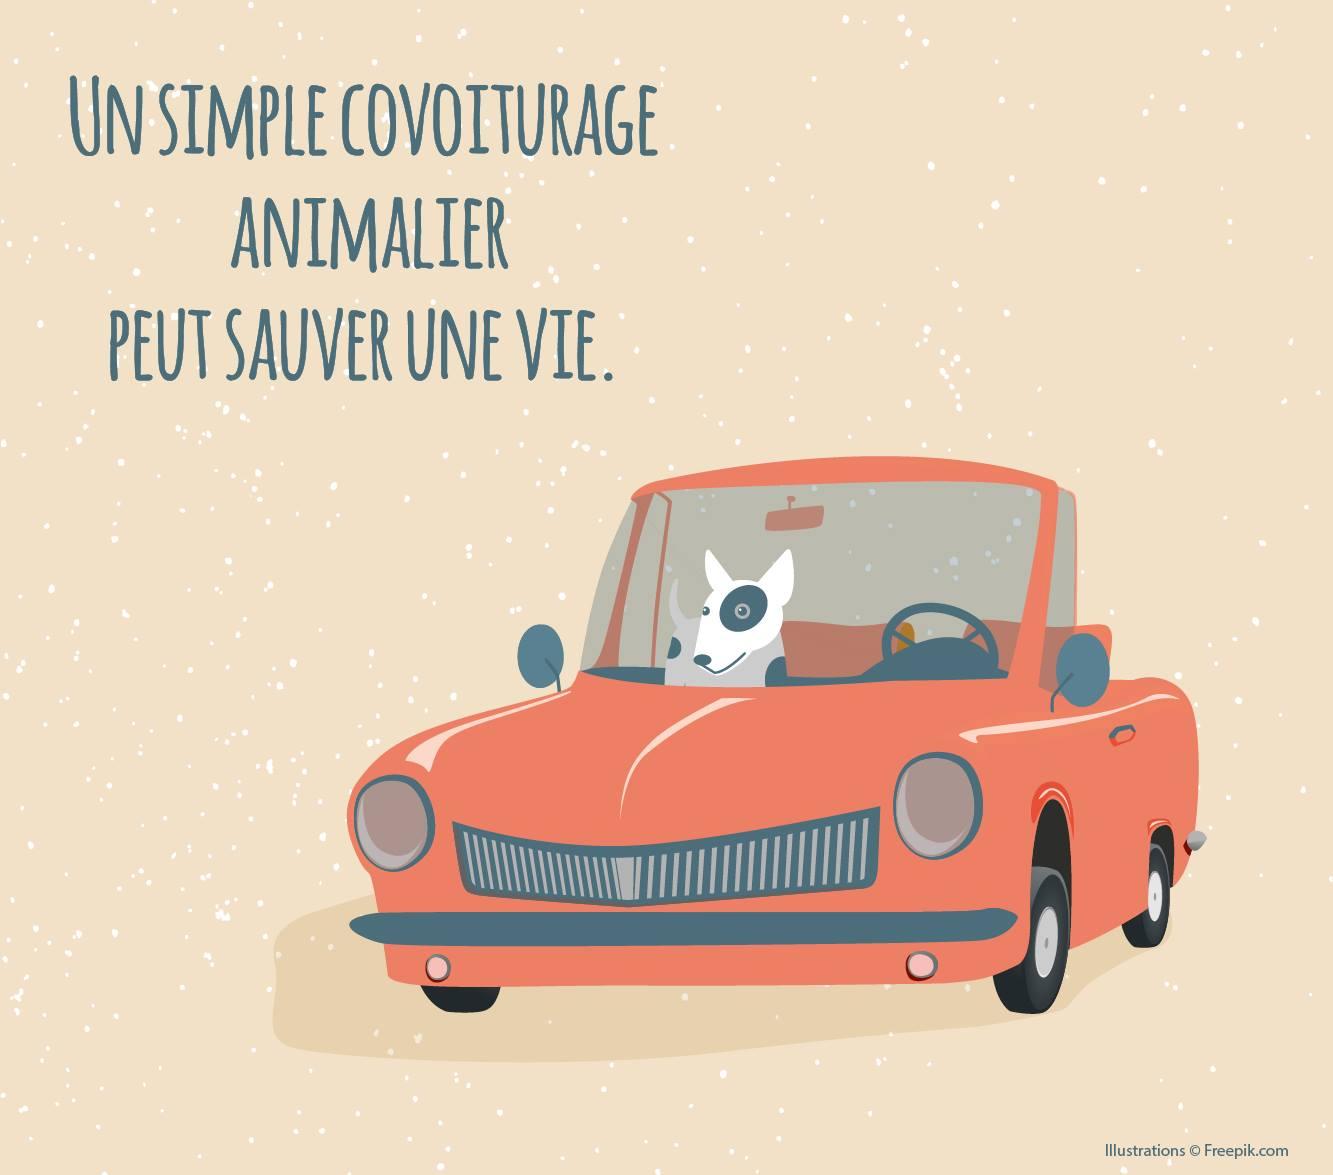 1 animal 1 famille : un simple covoiturage animalier peut sauver une vie et vous permettre adopter un animal